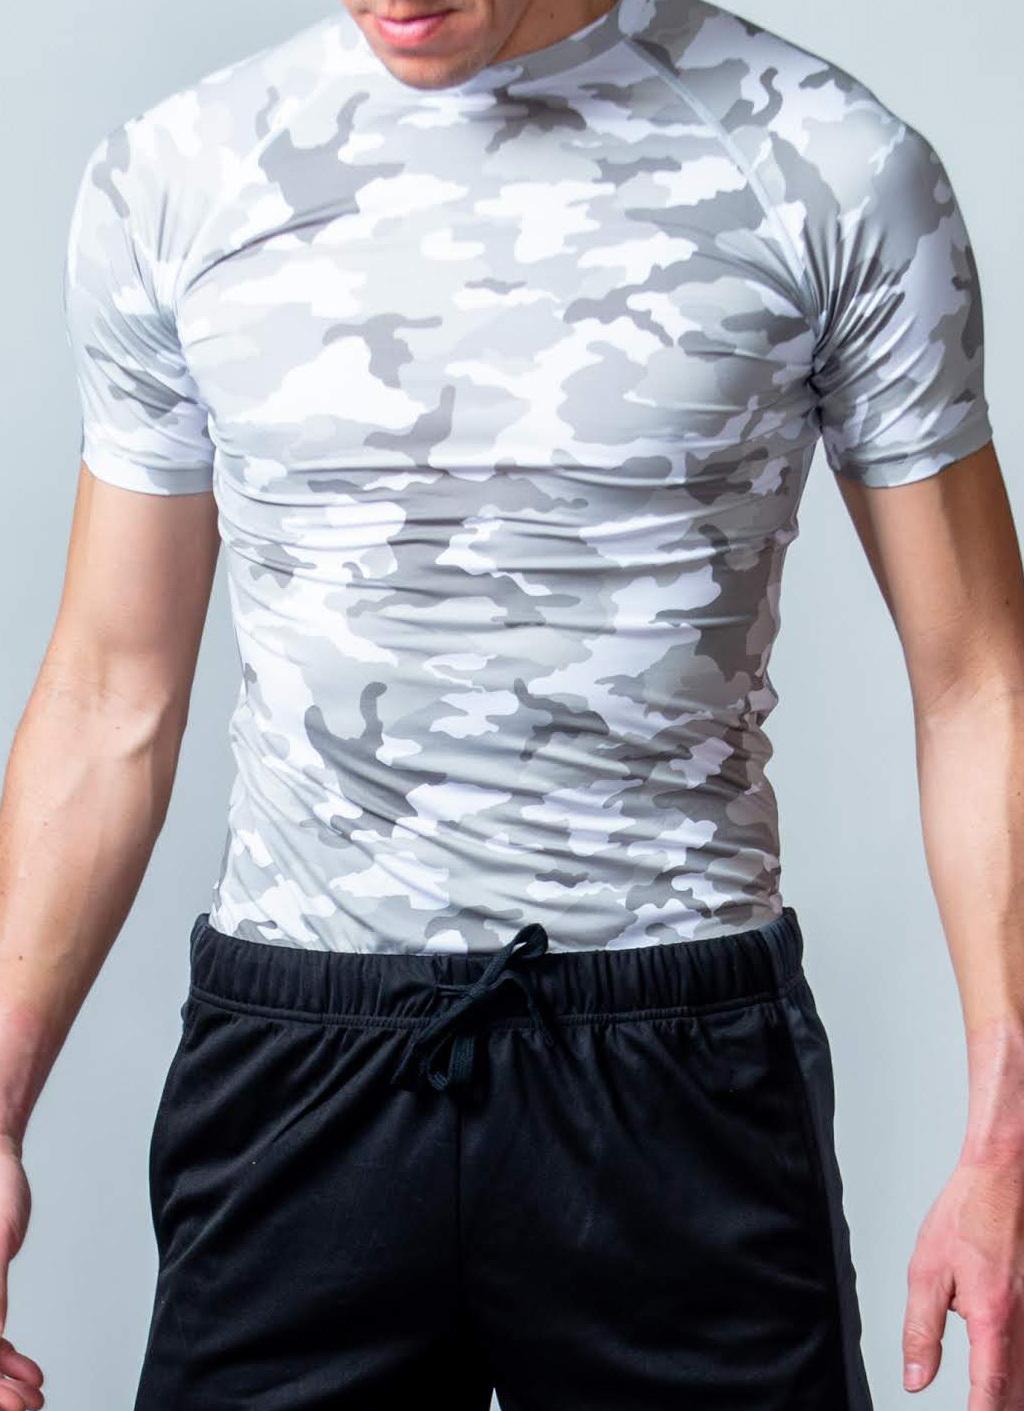 トレーニング時の動きをサポート「コンプレッションウェア(半袖)」 (ホワイト迷彩)